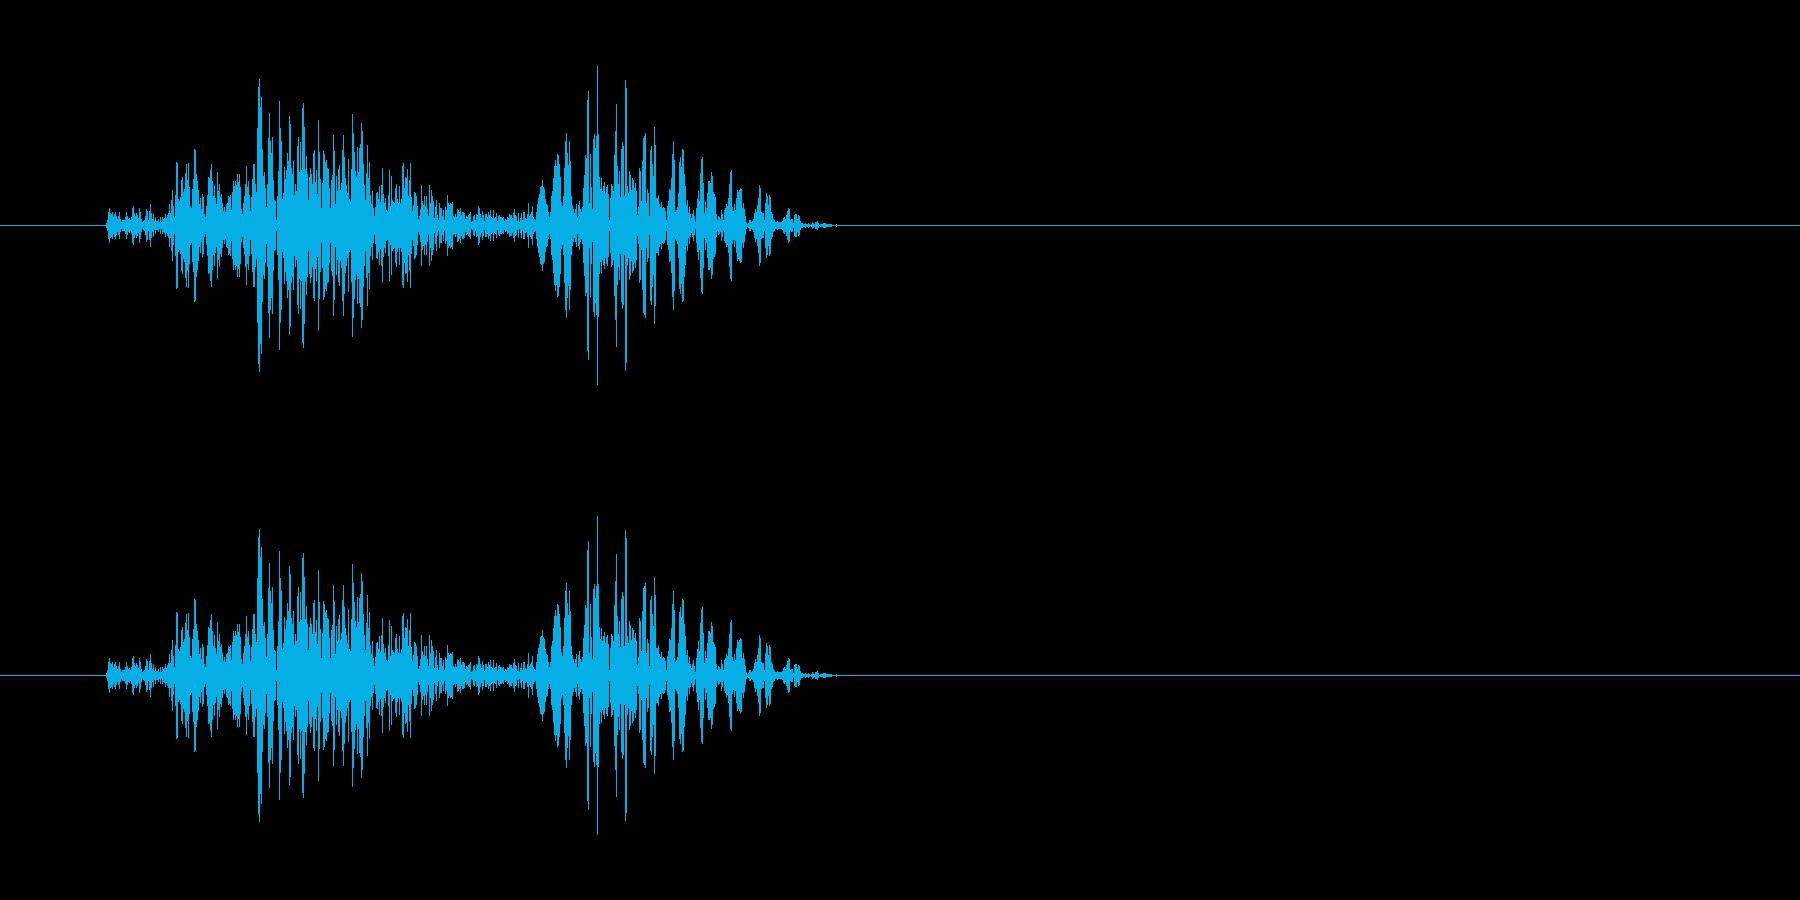 チェッ(軽く弾くような効果音)の再生済みの波形